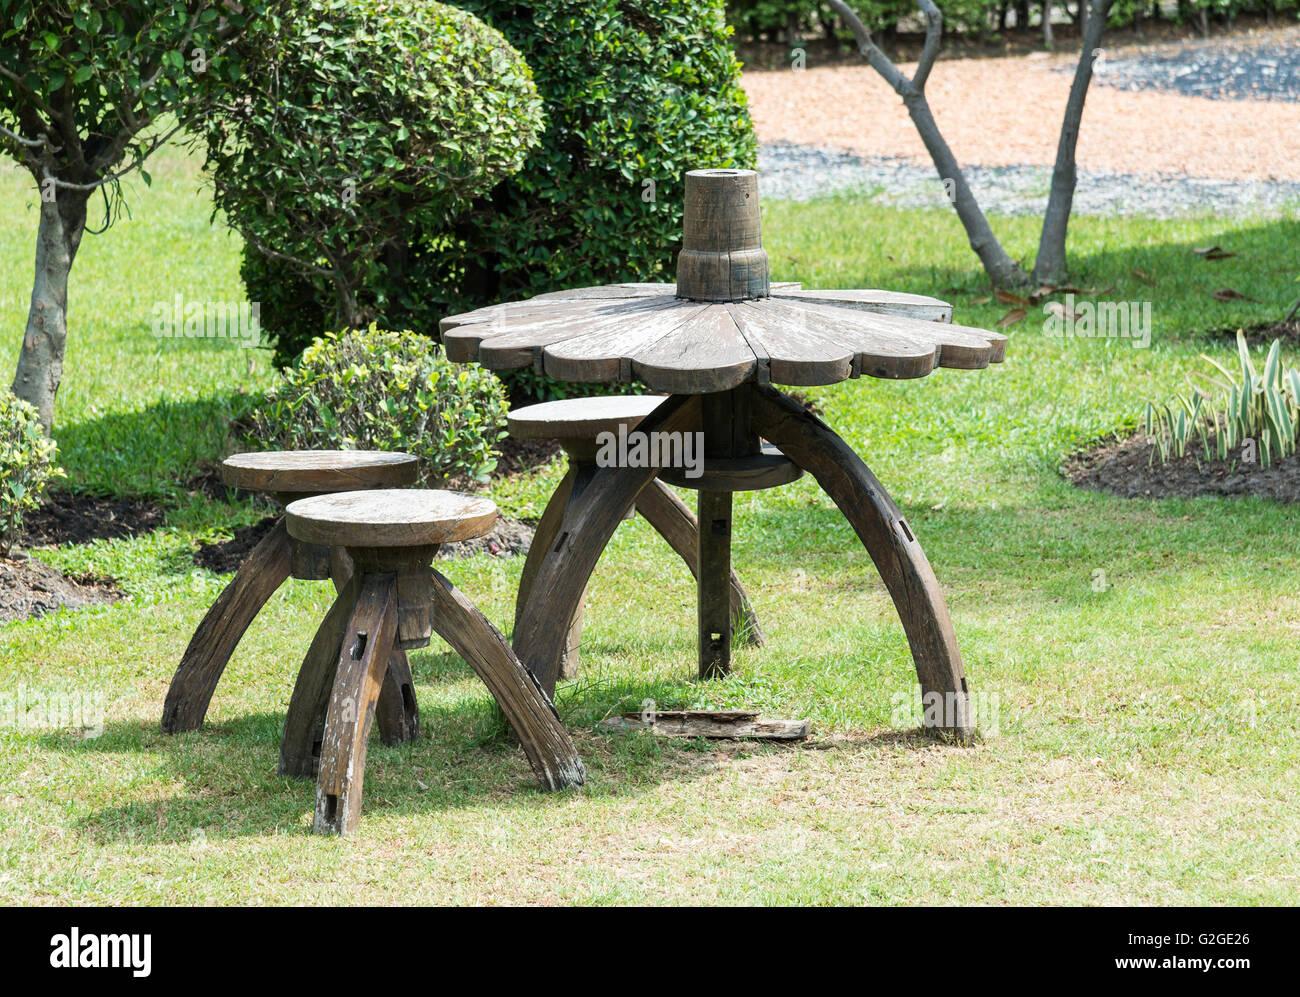 Decorazioni In Legno Per Giardino : Decorazioni da giardino fai da te u idee originali economiche